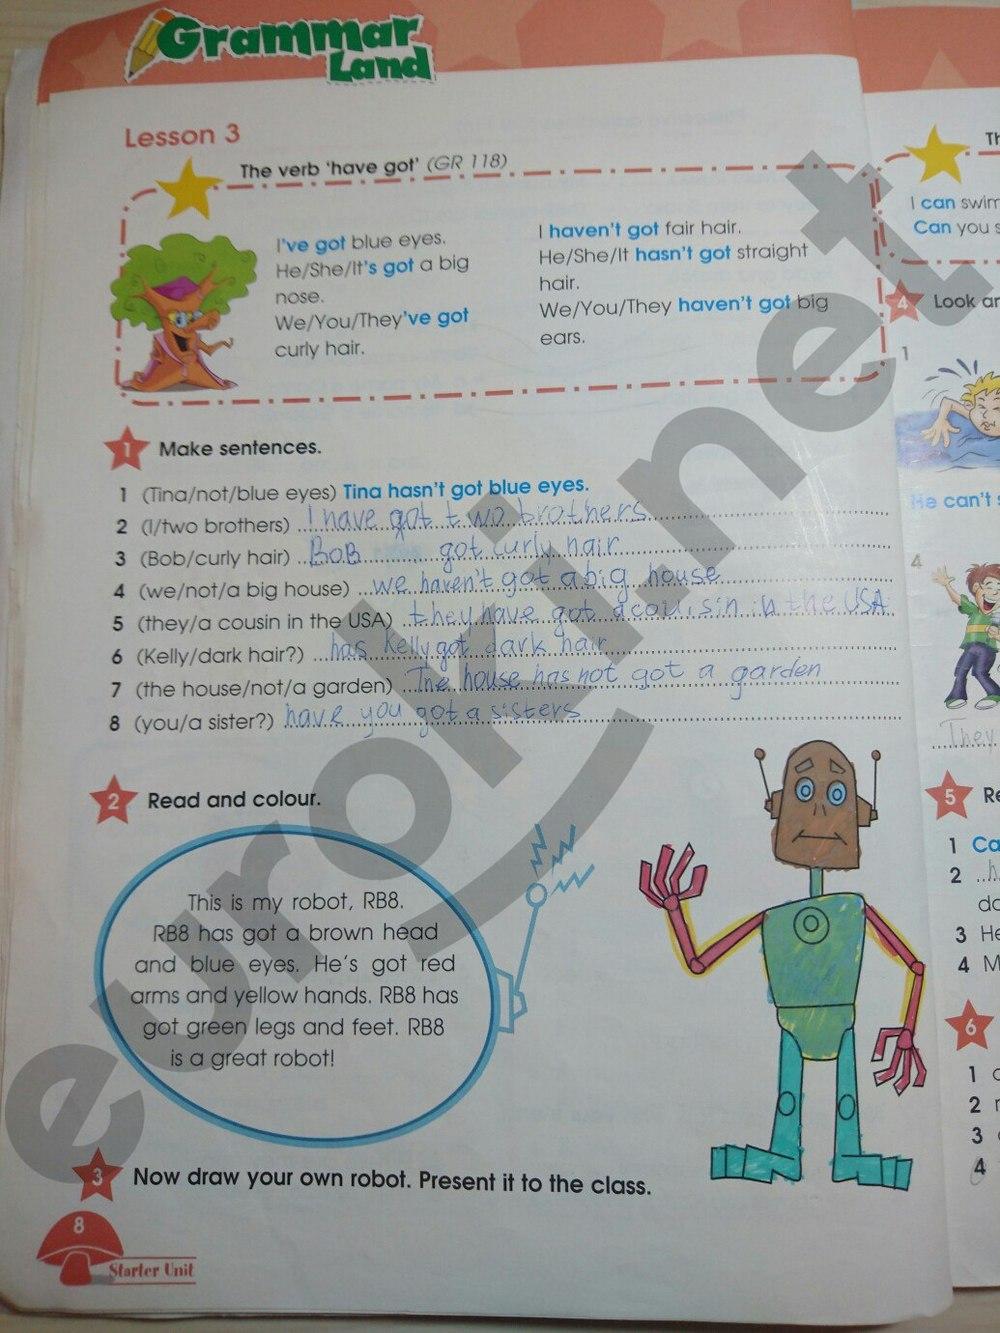 Ксения учебник 4 баранова по гдз языку английскому класс